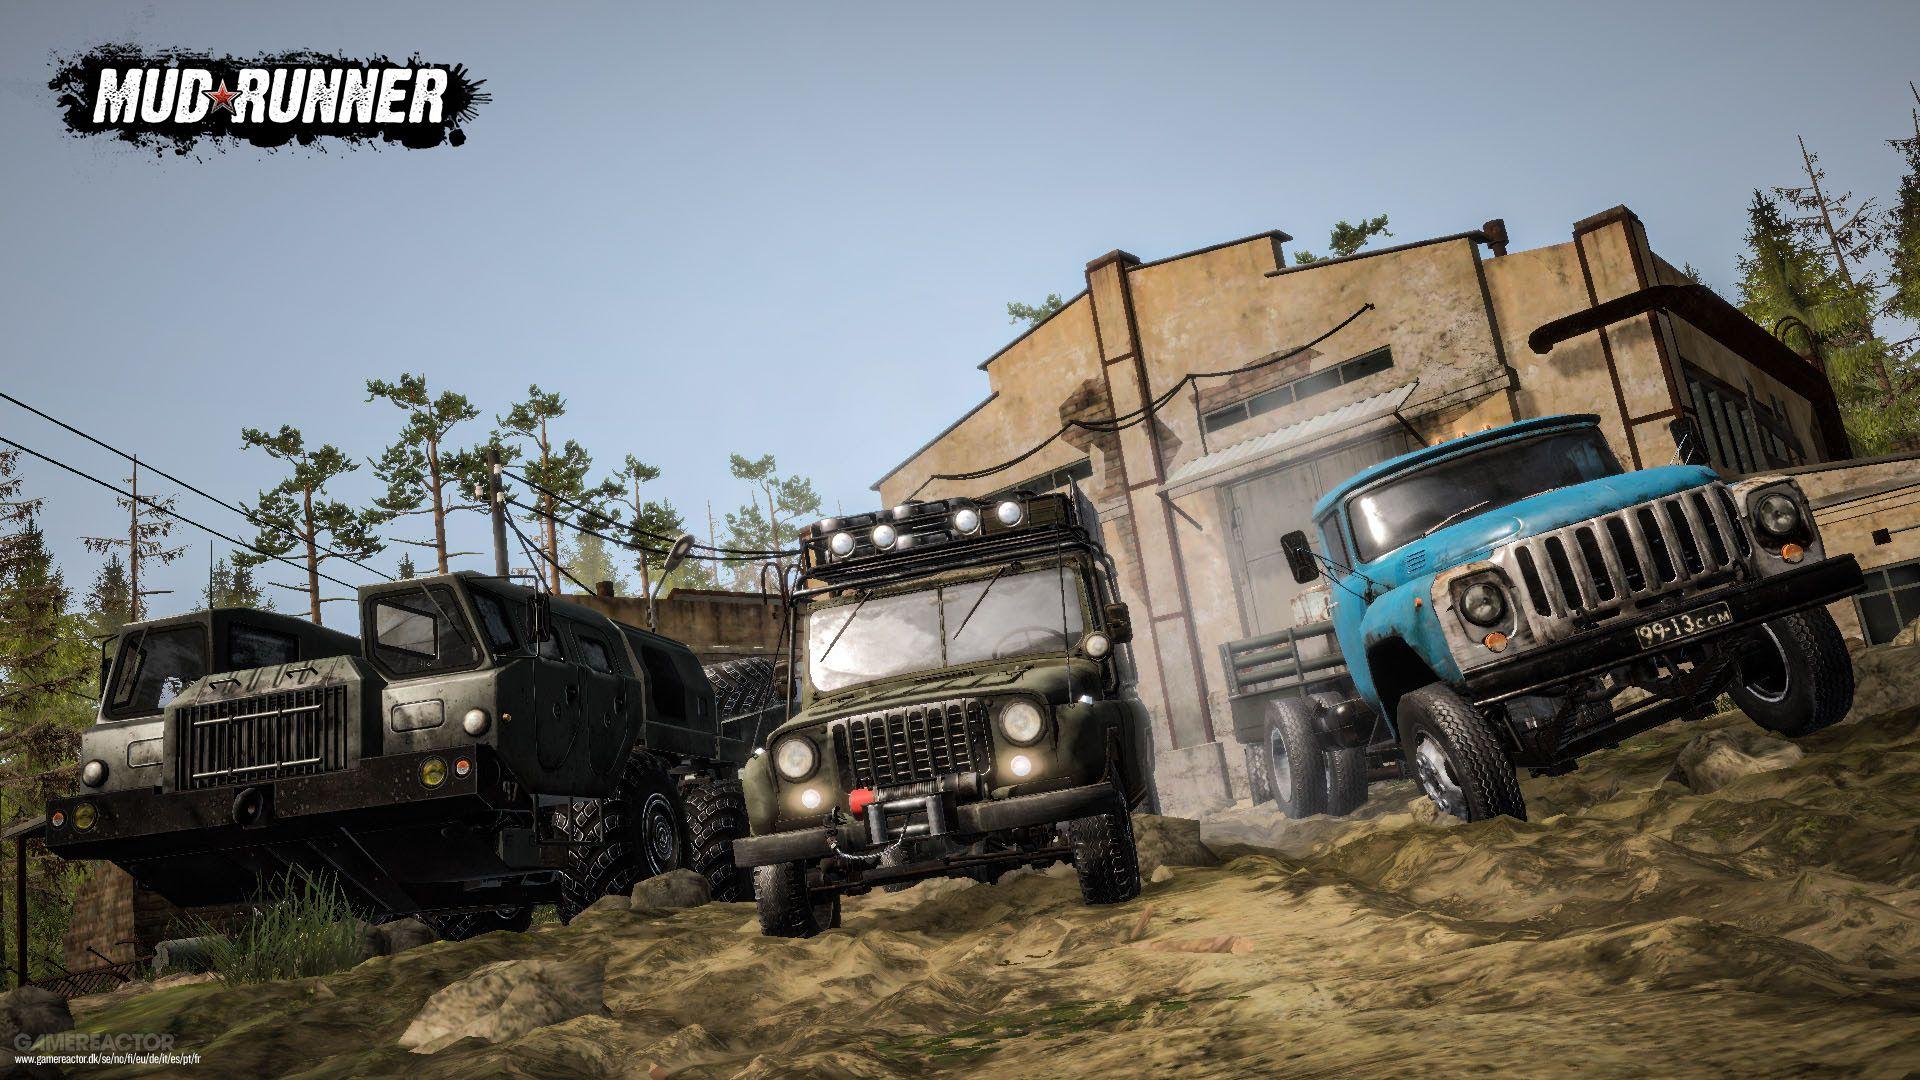 Ya se puede descargar de forma gratuita MudRunner a través de Epic Games Store